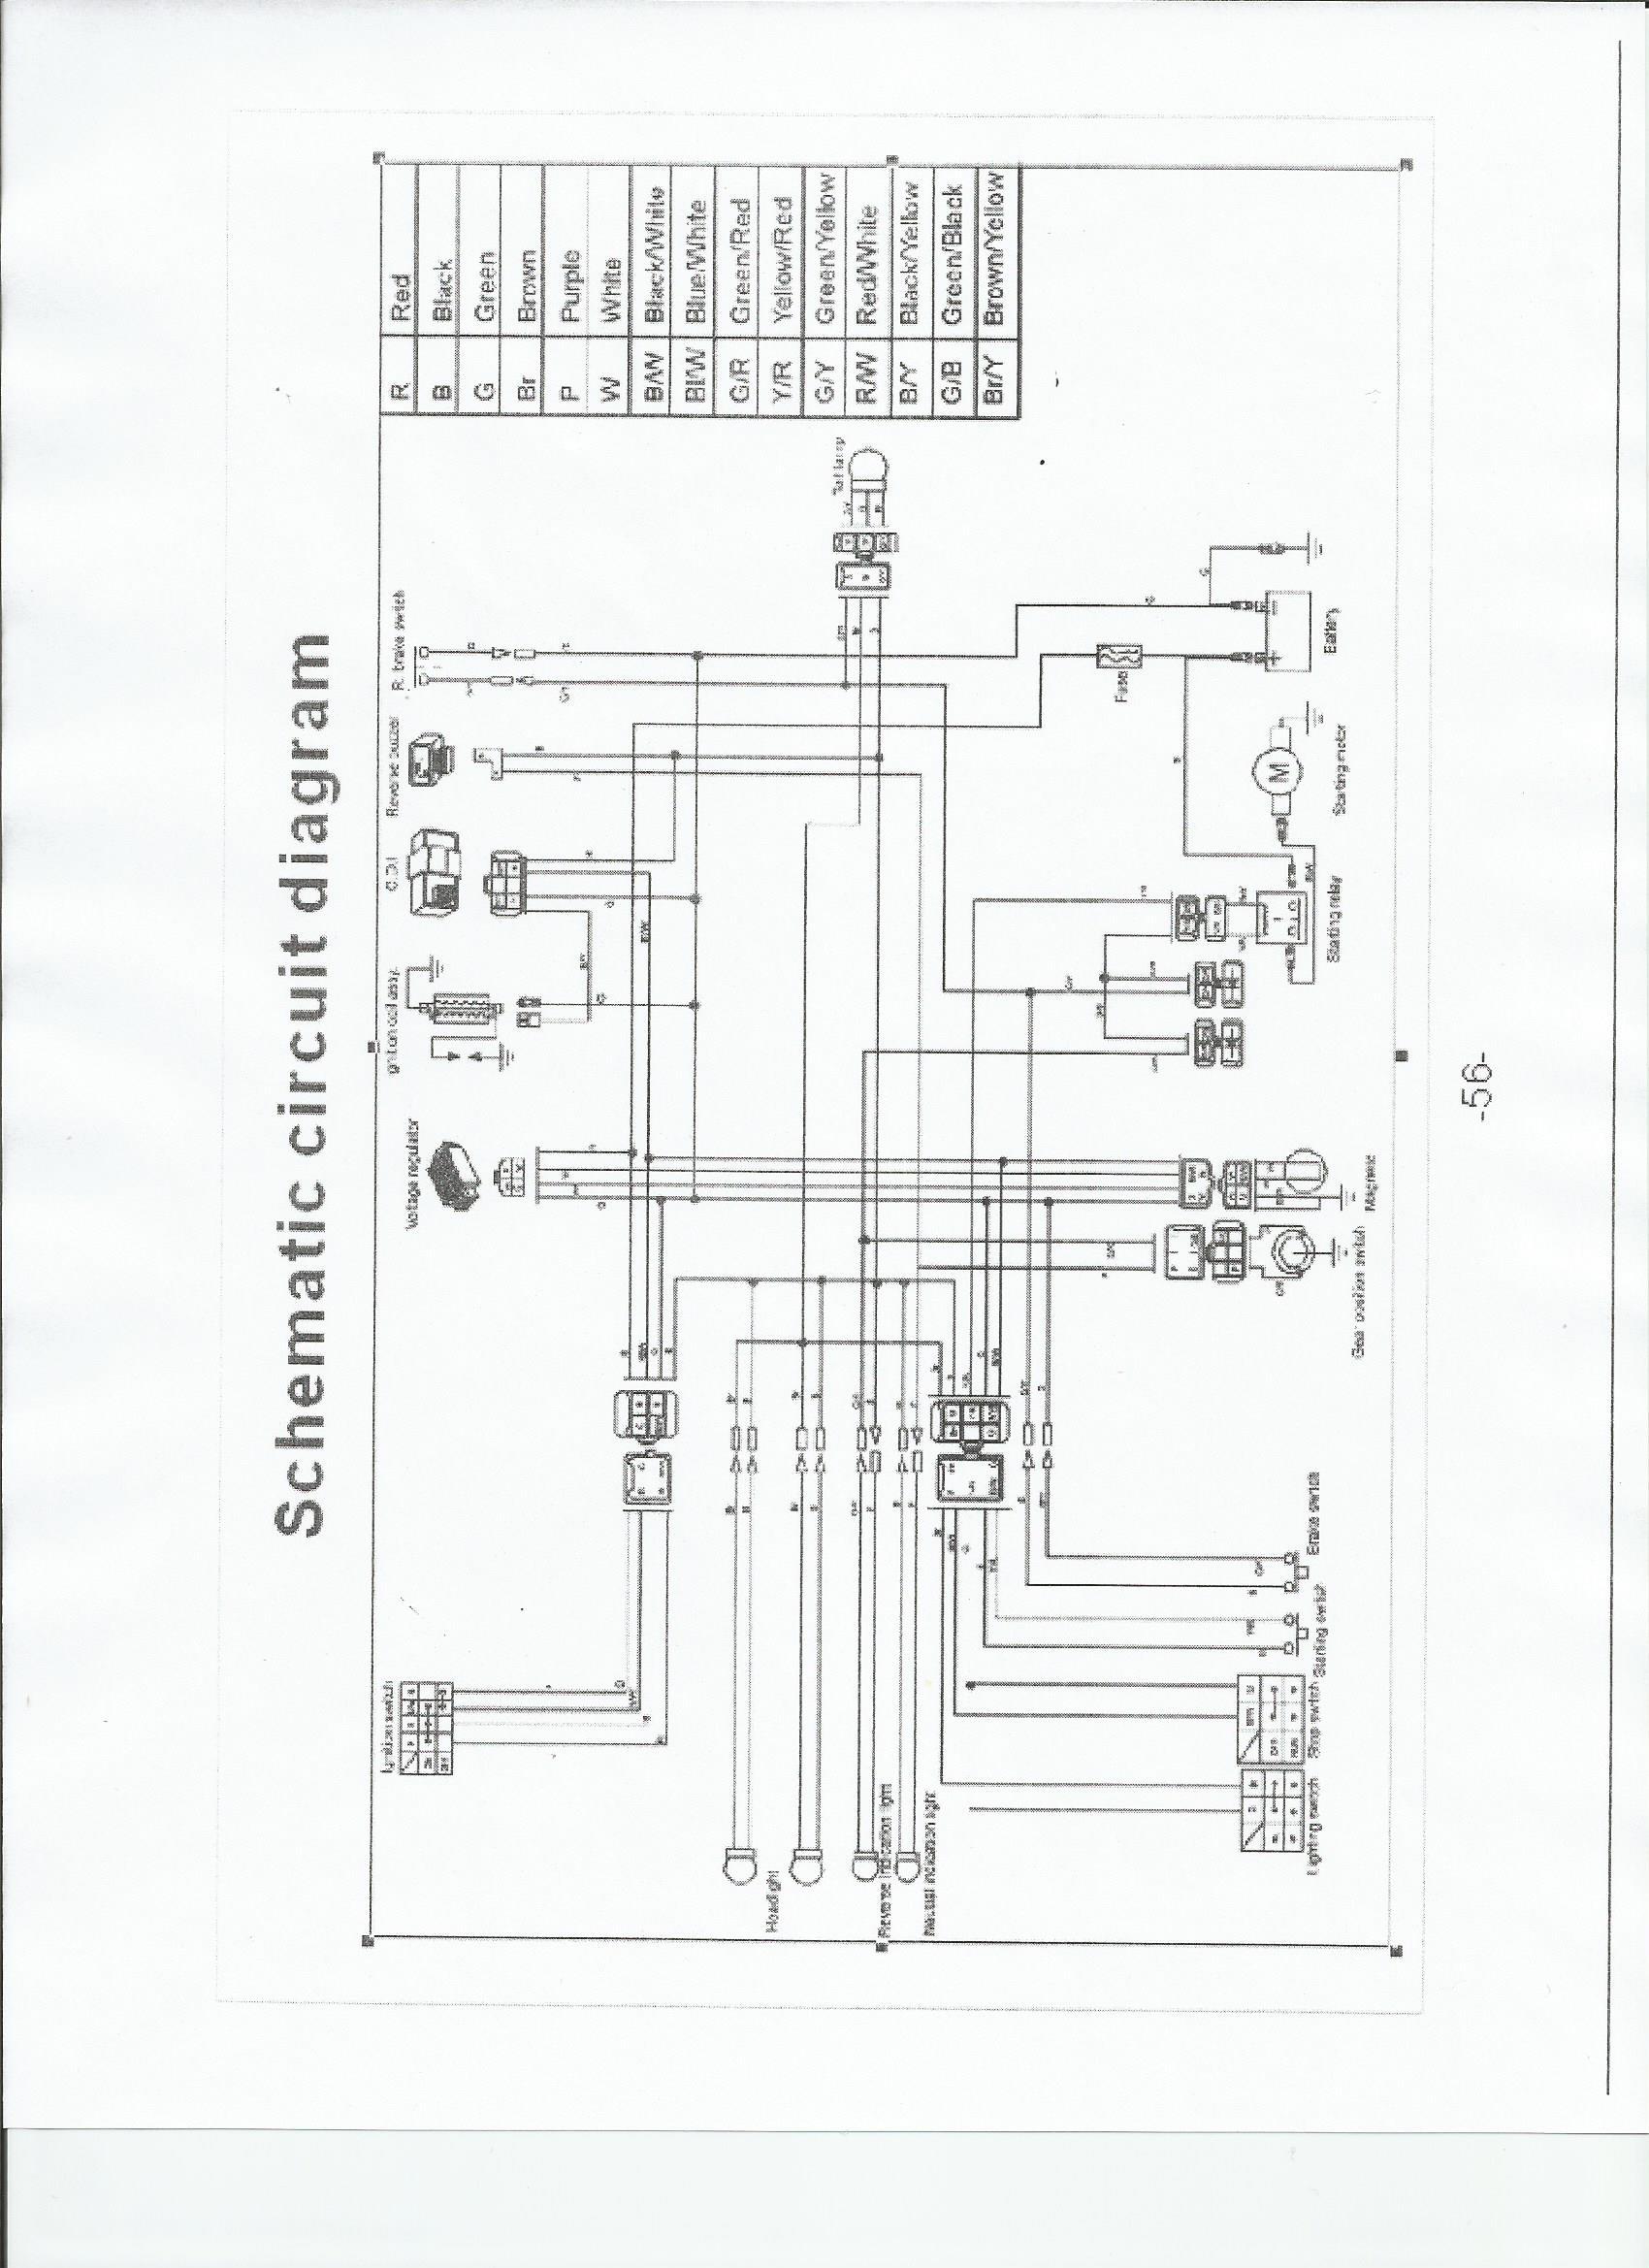 lifan 200cc wiring diagram - fuel filter 6 0 powerstroke diesel for wiring  diagram schematics  wiring diagram schematics